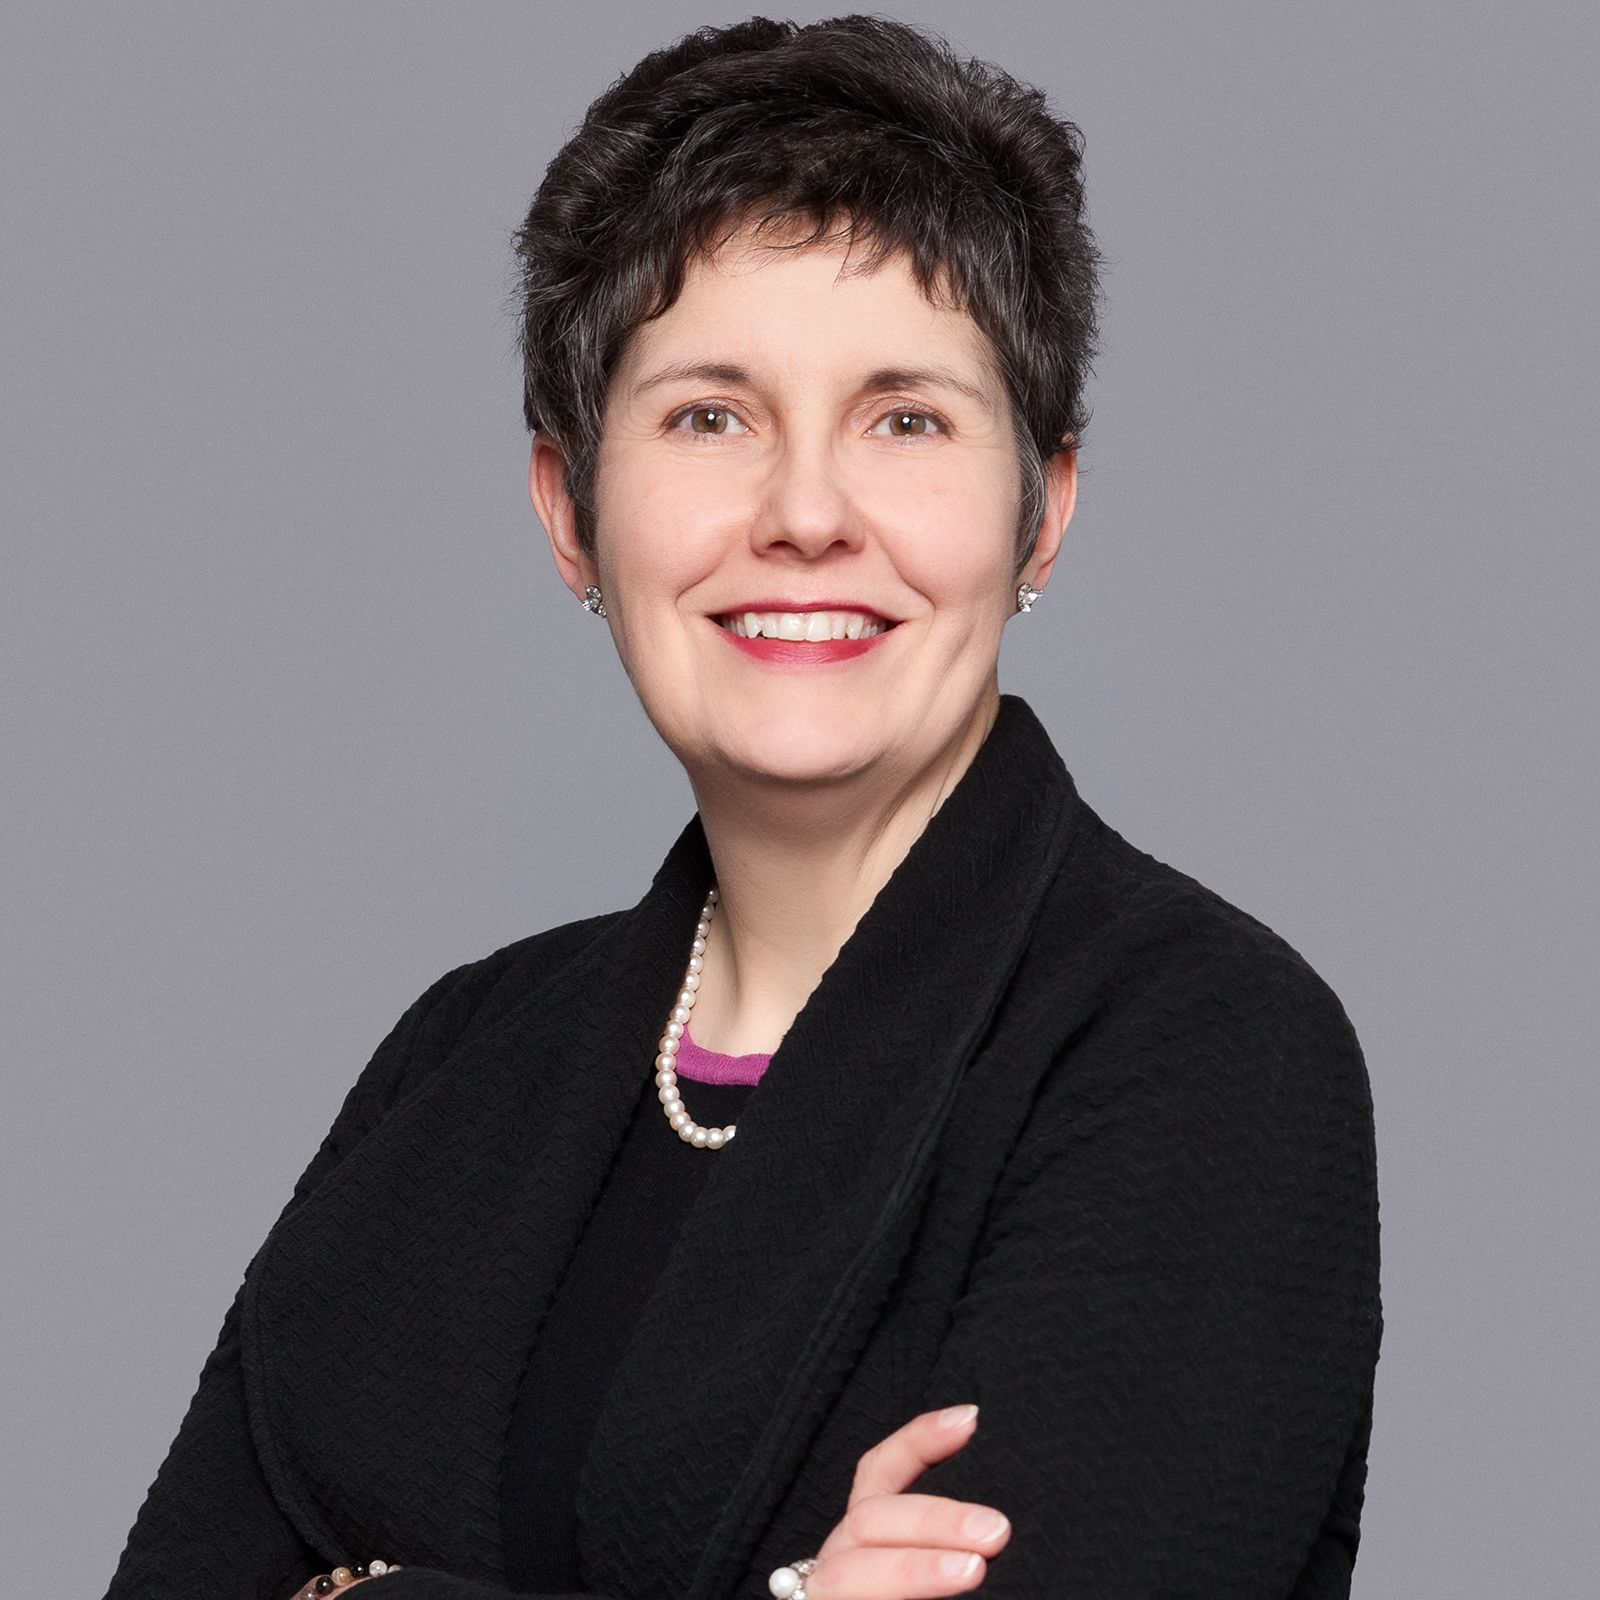 Laura Desjardins